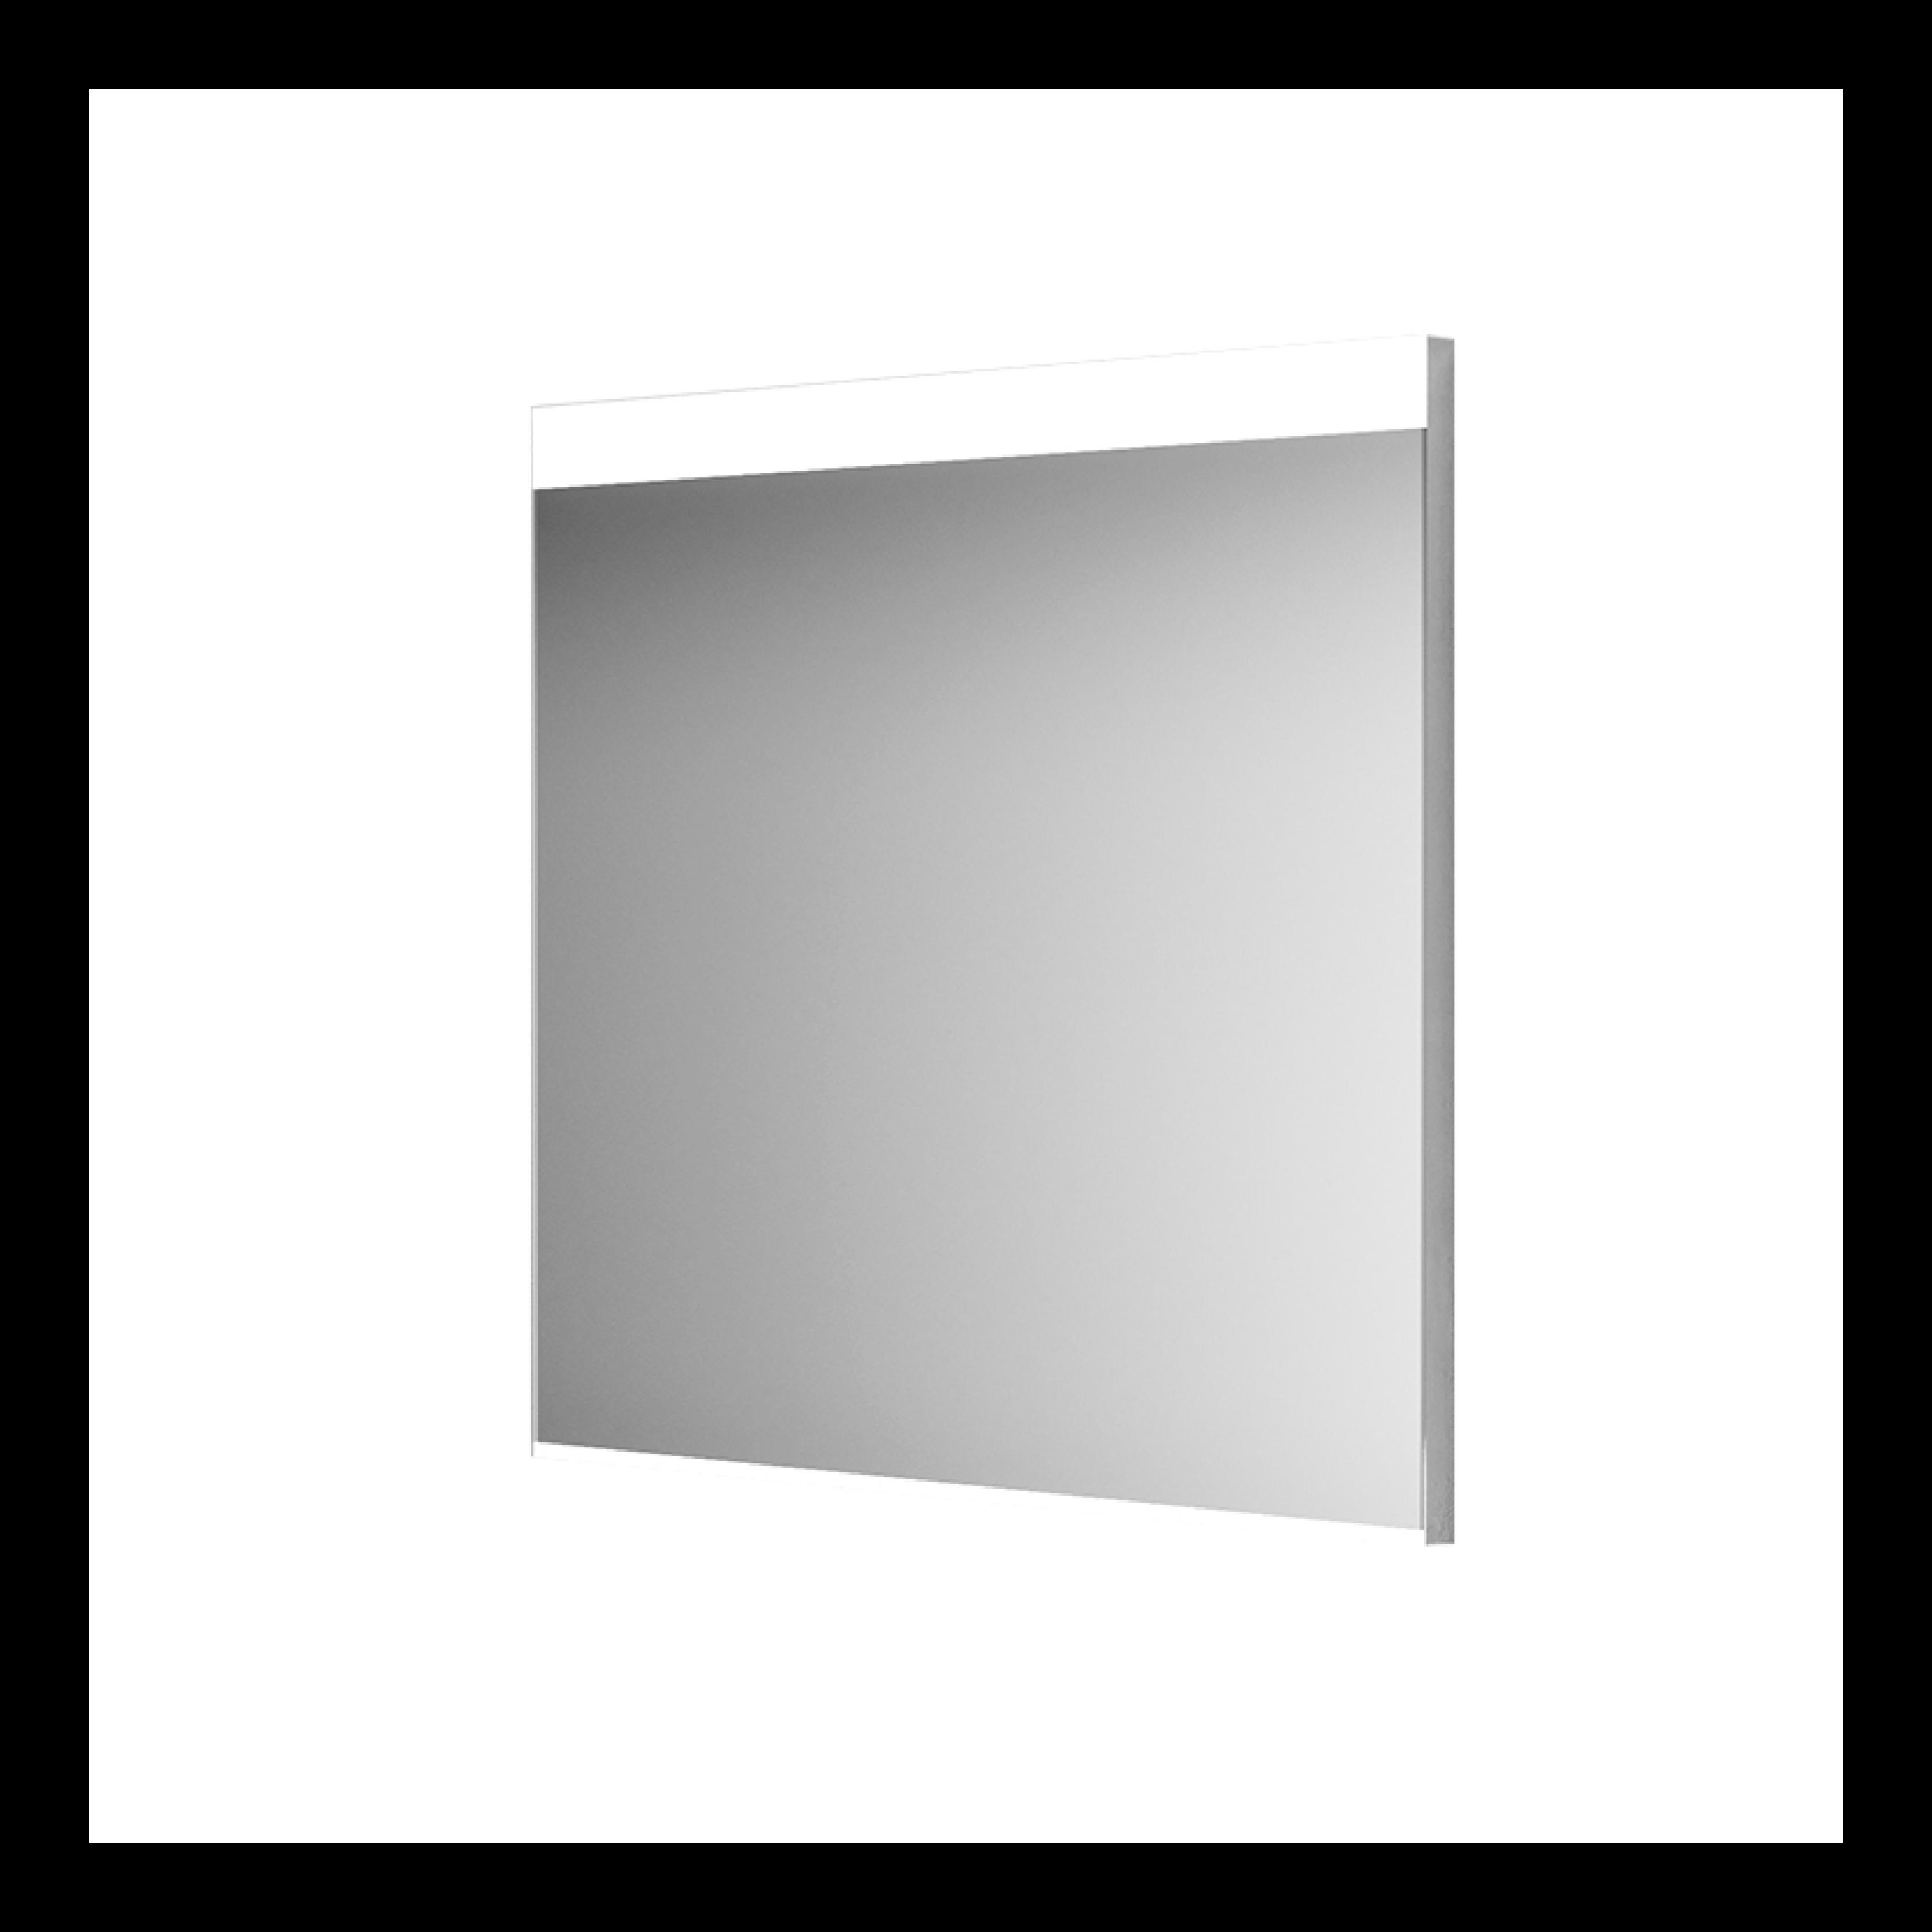 Oglinda cu LED Andromeda, 80 x 100 cm, AZ51058 poza